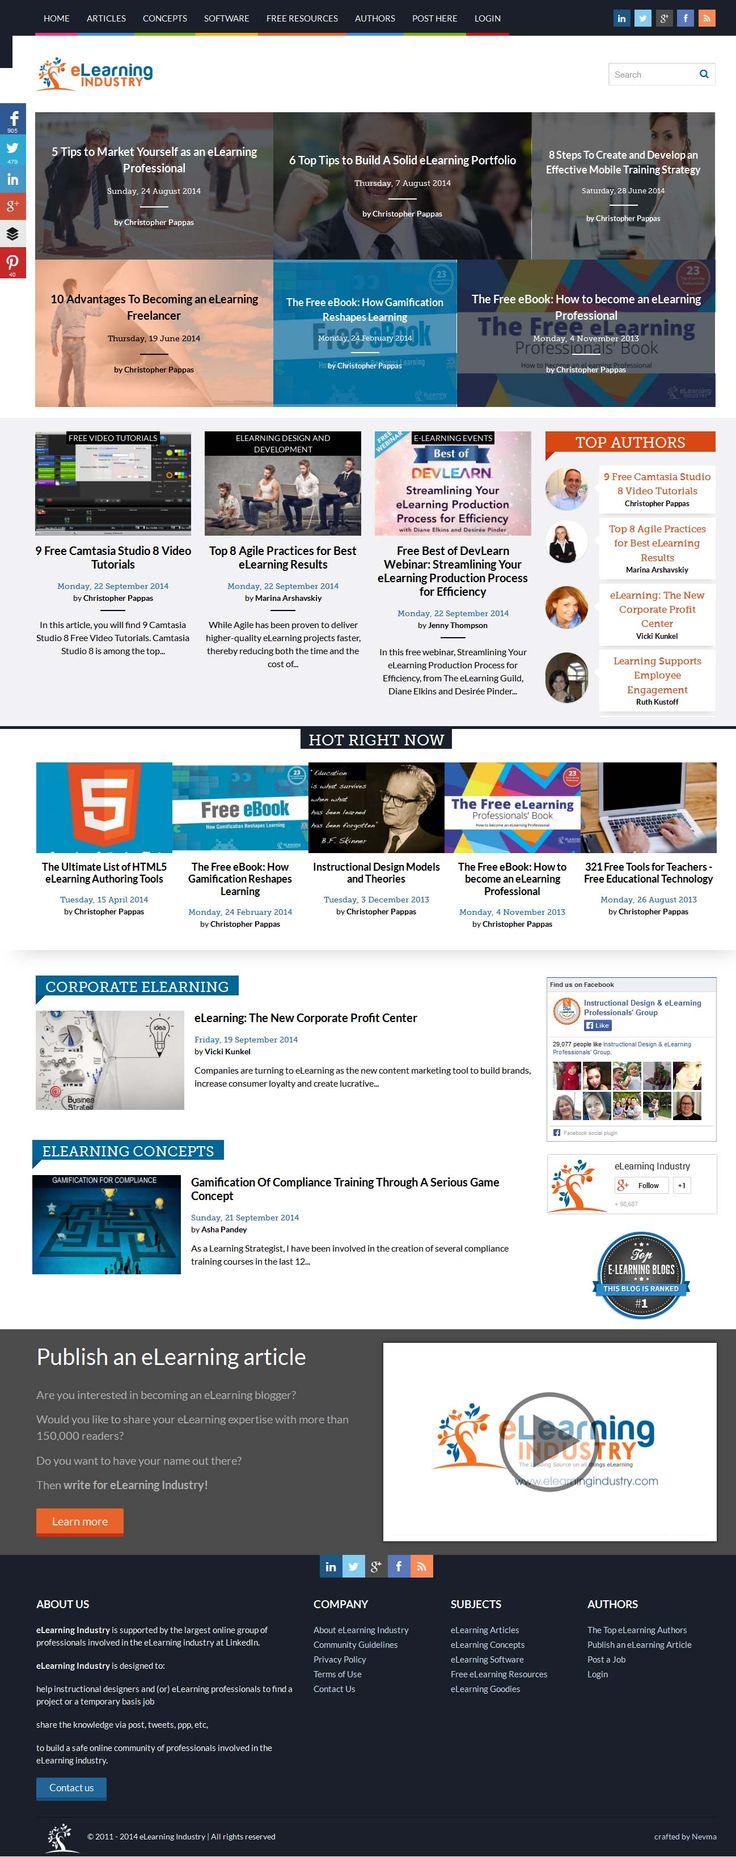 Σχεδιάσαμε και δημιουργήσαμε το ElearningIndustry.com, ένα από τα μεγαλύτερα portal για το Elearning διεθνώς. Διαθέτει πληροφορίες σχετικά με τον εκπαιδευτικό σχεδιασμό, τον τρόπο χρήσης των καλύτερων εργαλείων για την αξιοποίηση του και κριτικές πάνω στις τελευταίες σχετικές έρευνες για το Elearning. www.elearningindustry.com